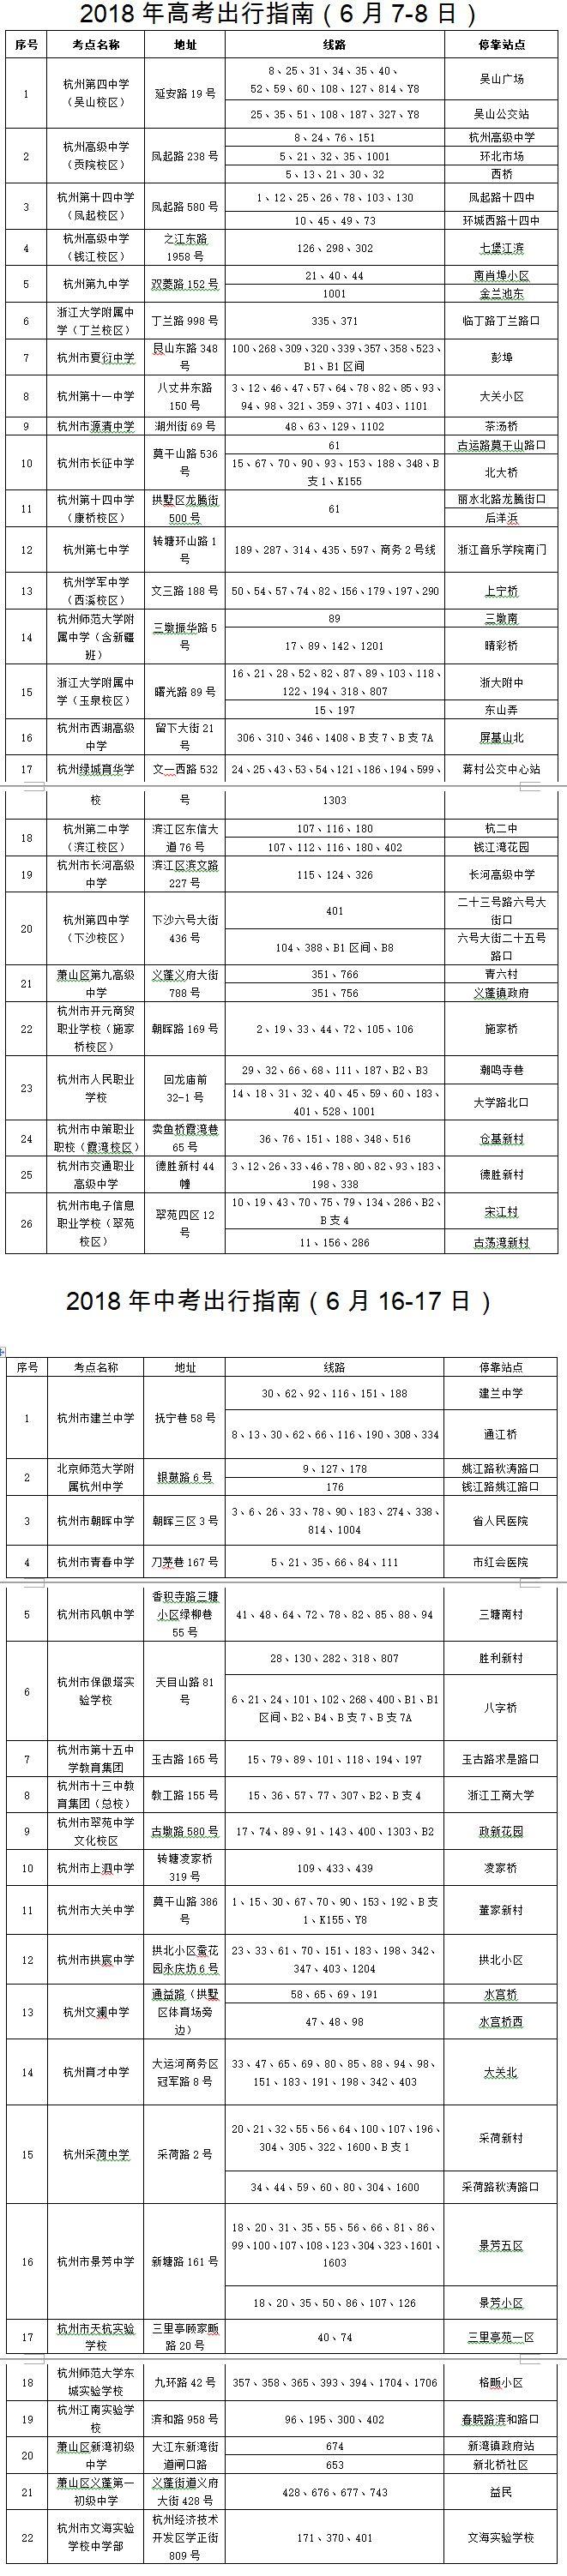 2018杭州高考、中考公交出行指南出炉